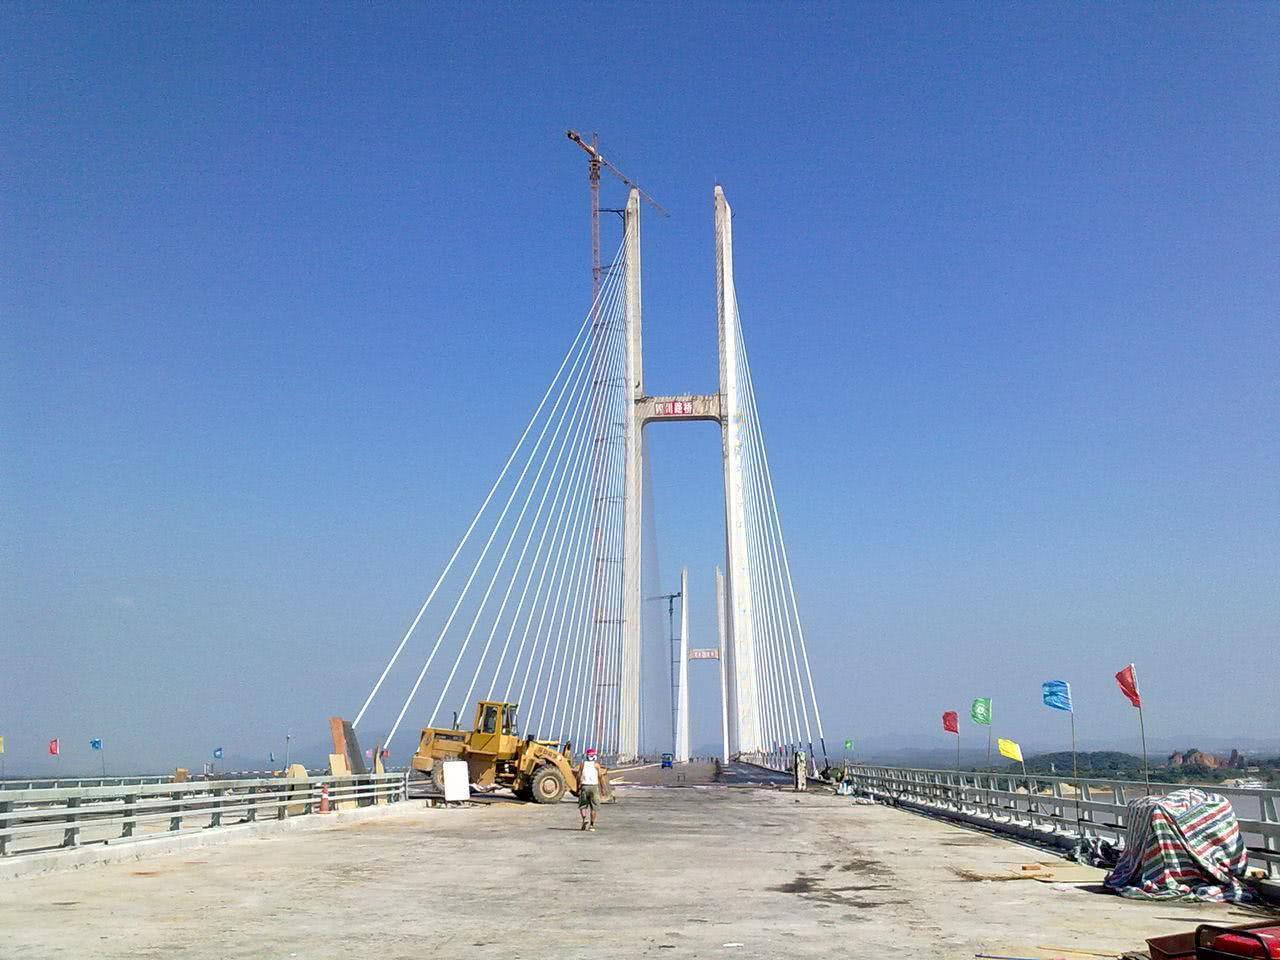 荆岳铁路长江大桥_湖南唯一的长江大桥,对接湖北,耗资23亿,长5419米_发展